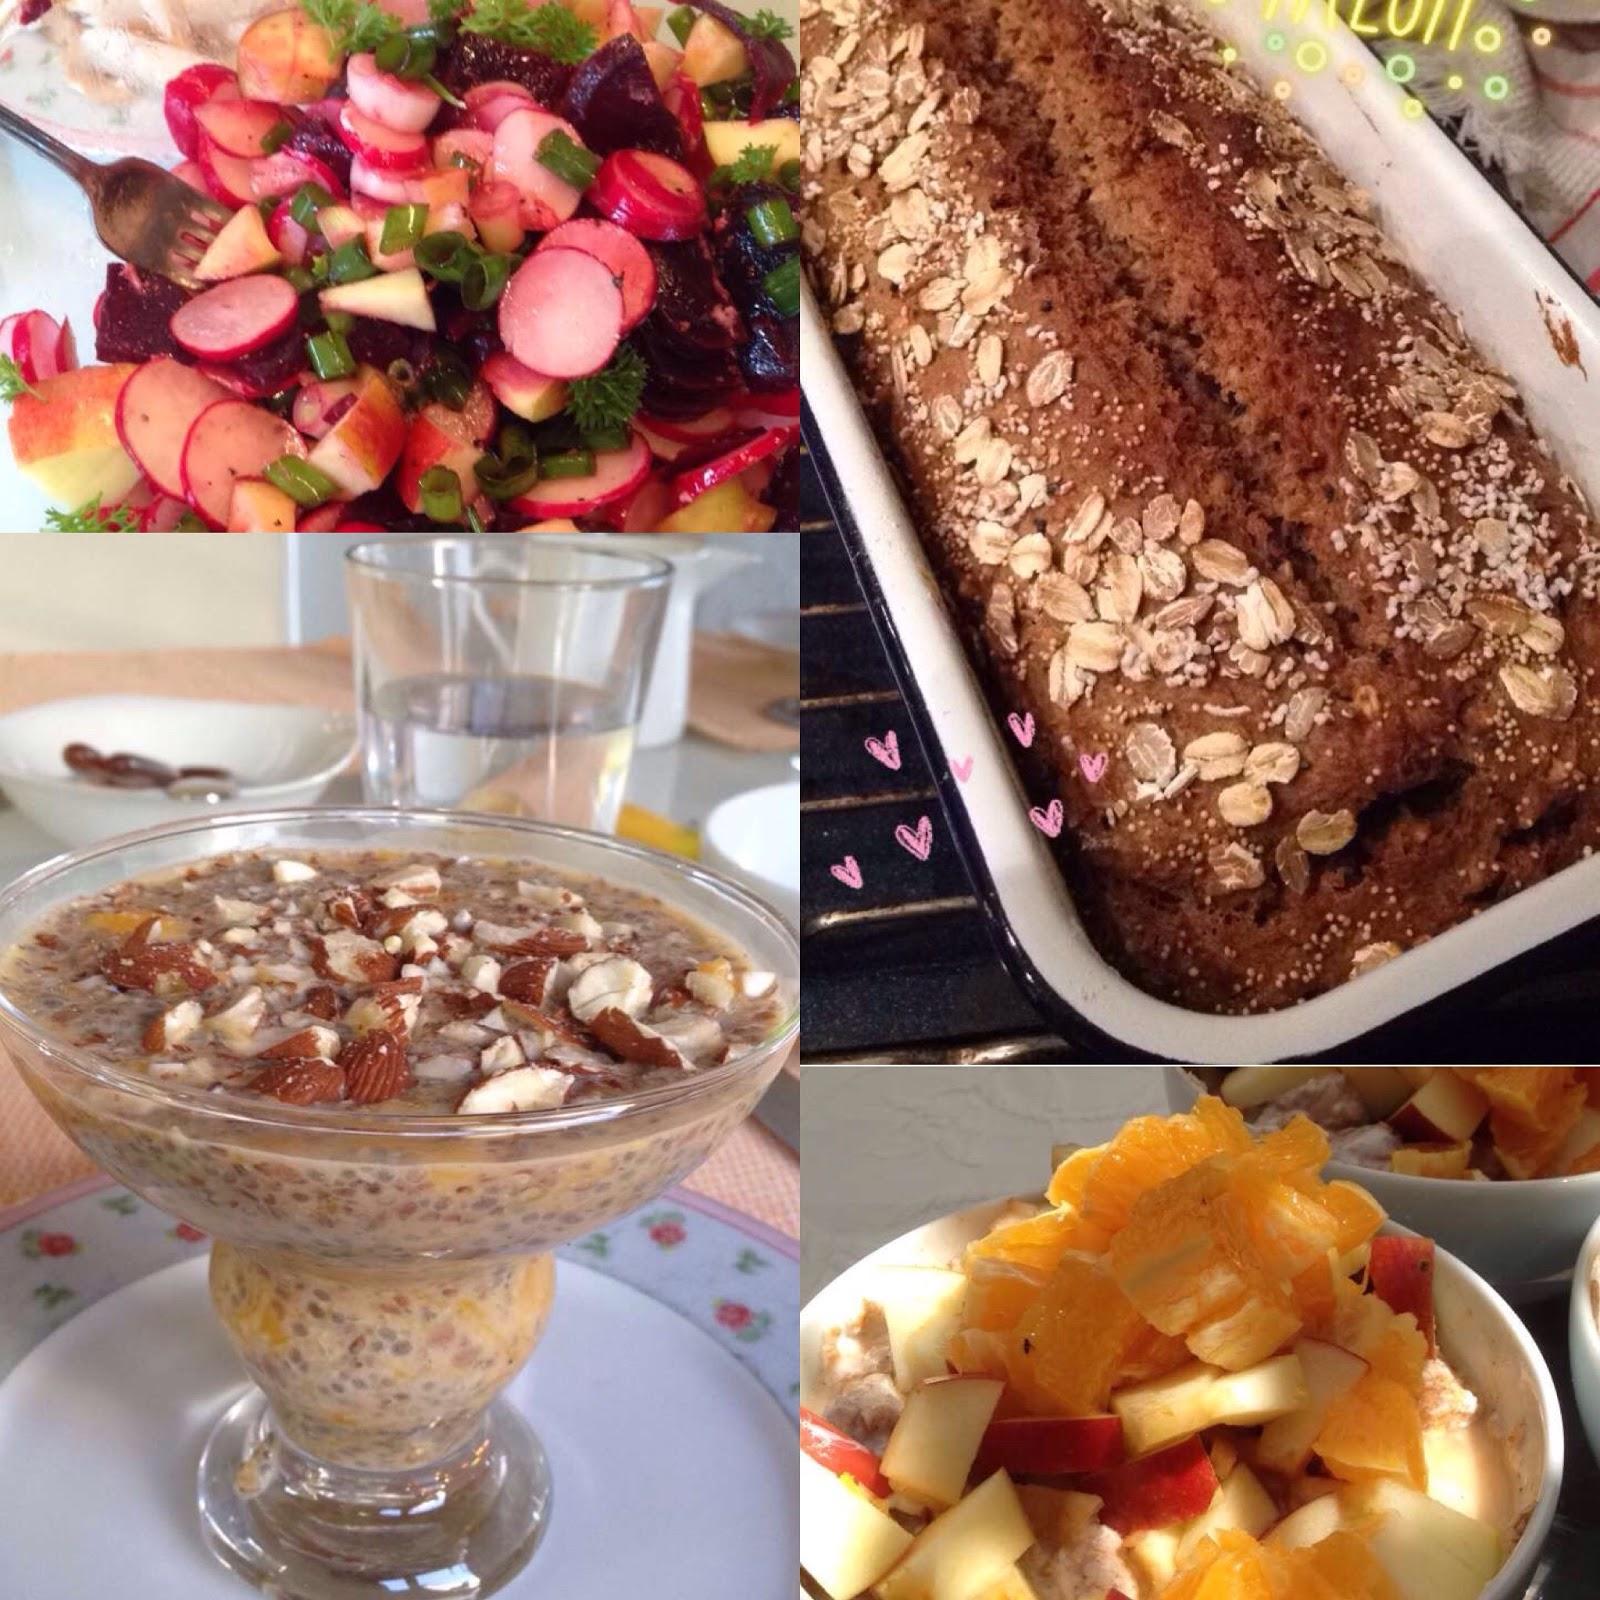 Vollkornbrot, Radieschen-Salat und Chia-Bowl - gesund leben macht Spaß!